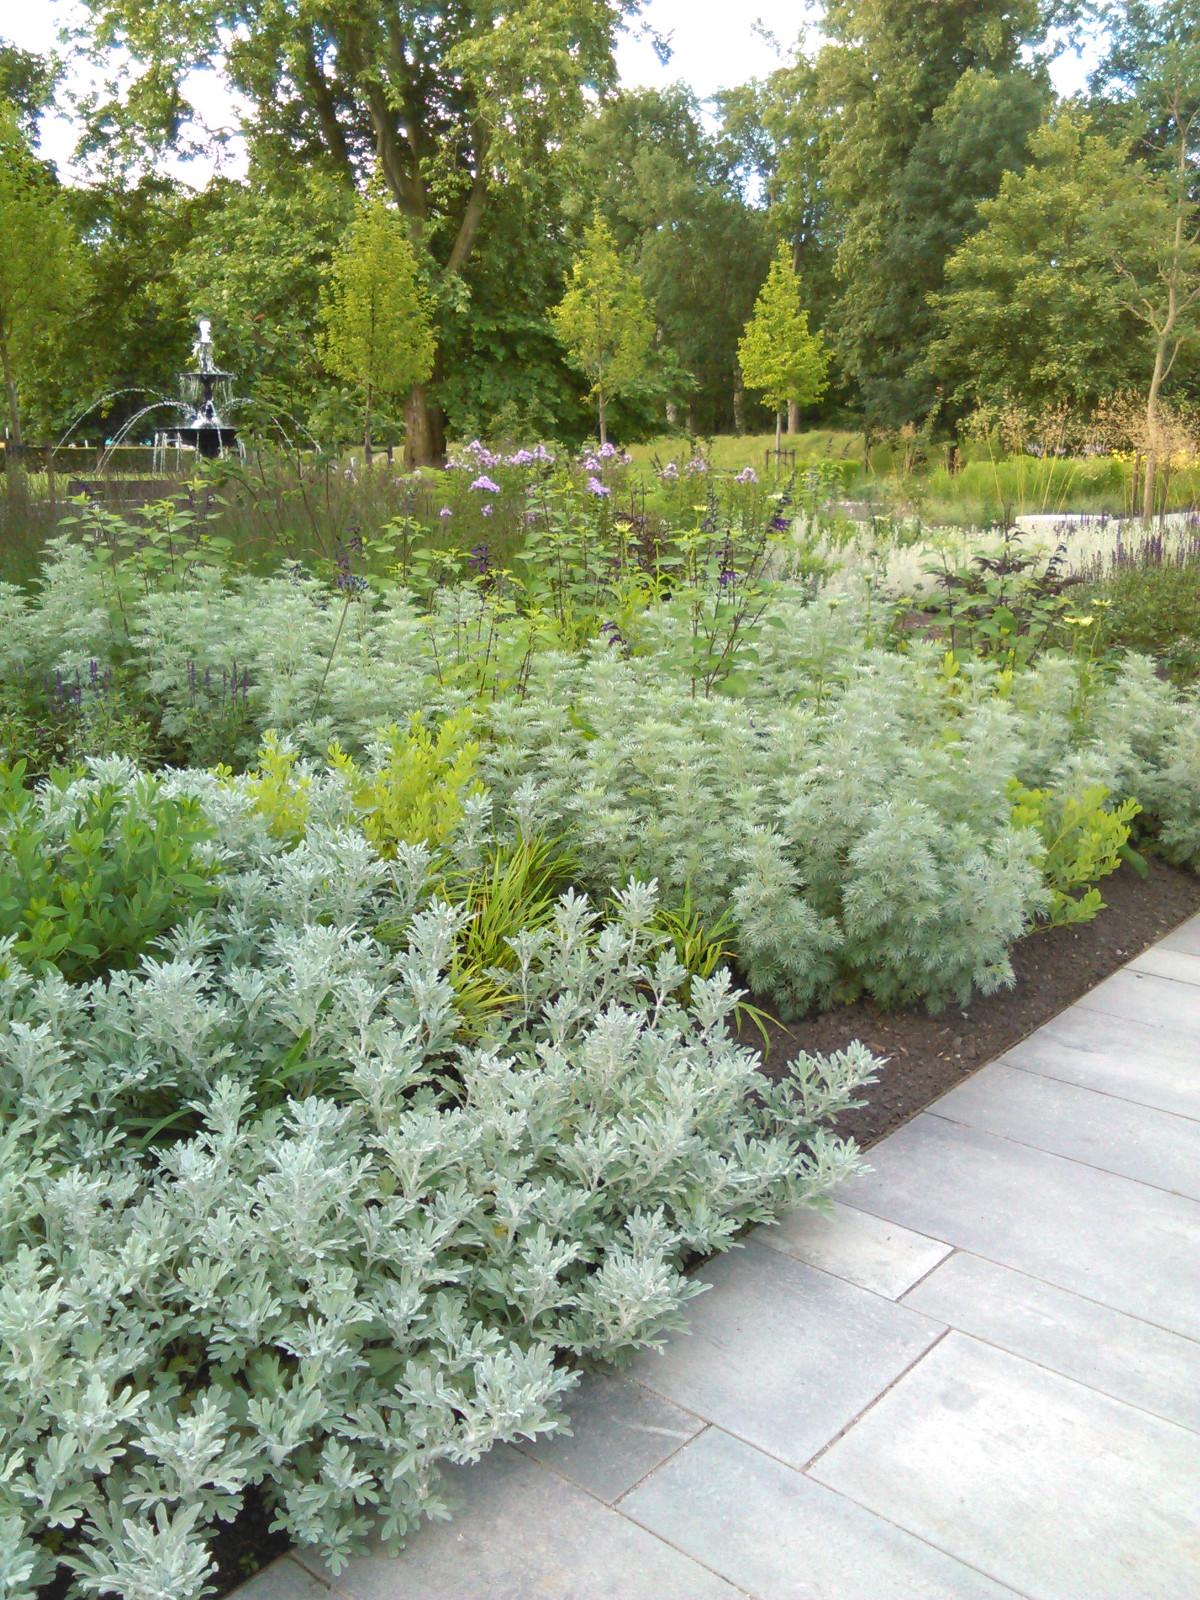 Stadsparken i Lund grå og lime planter